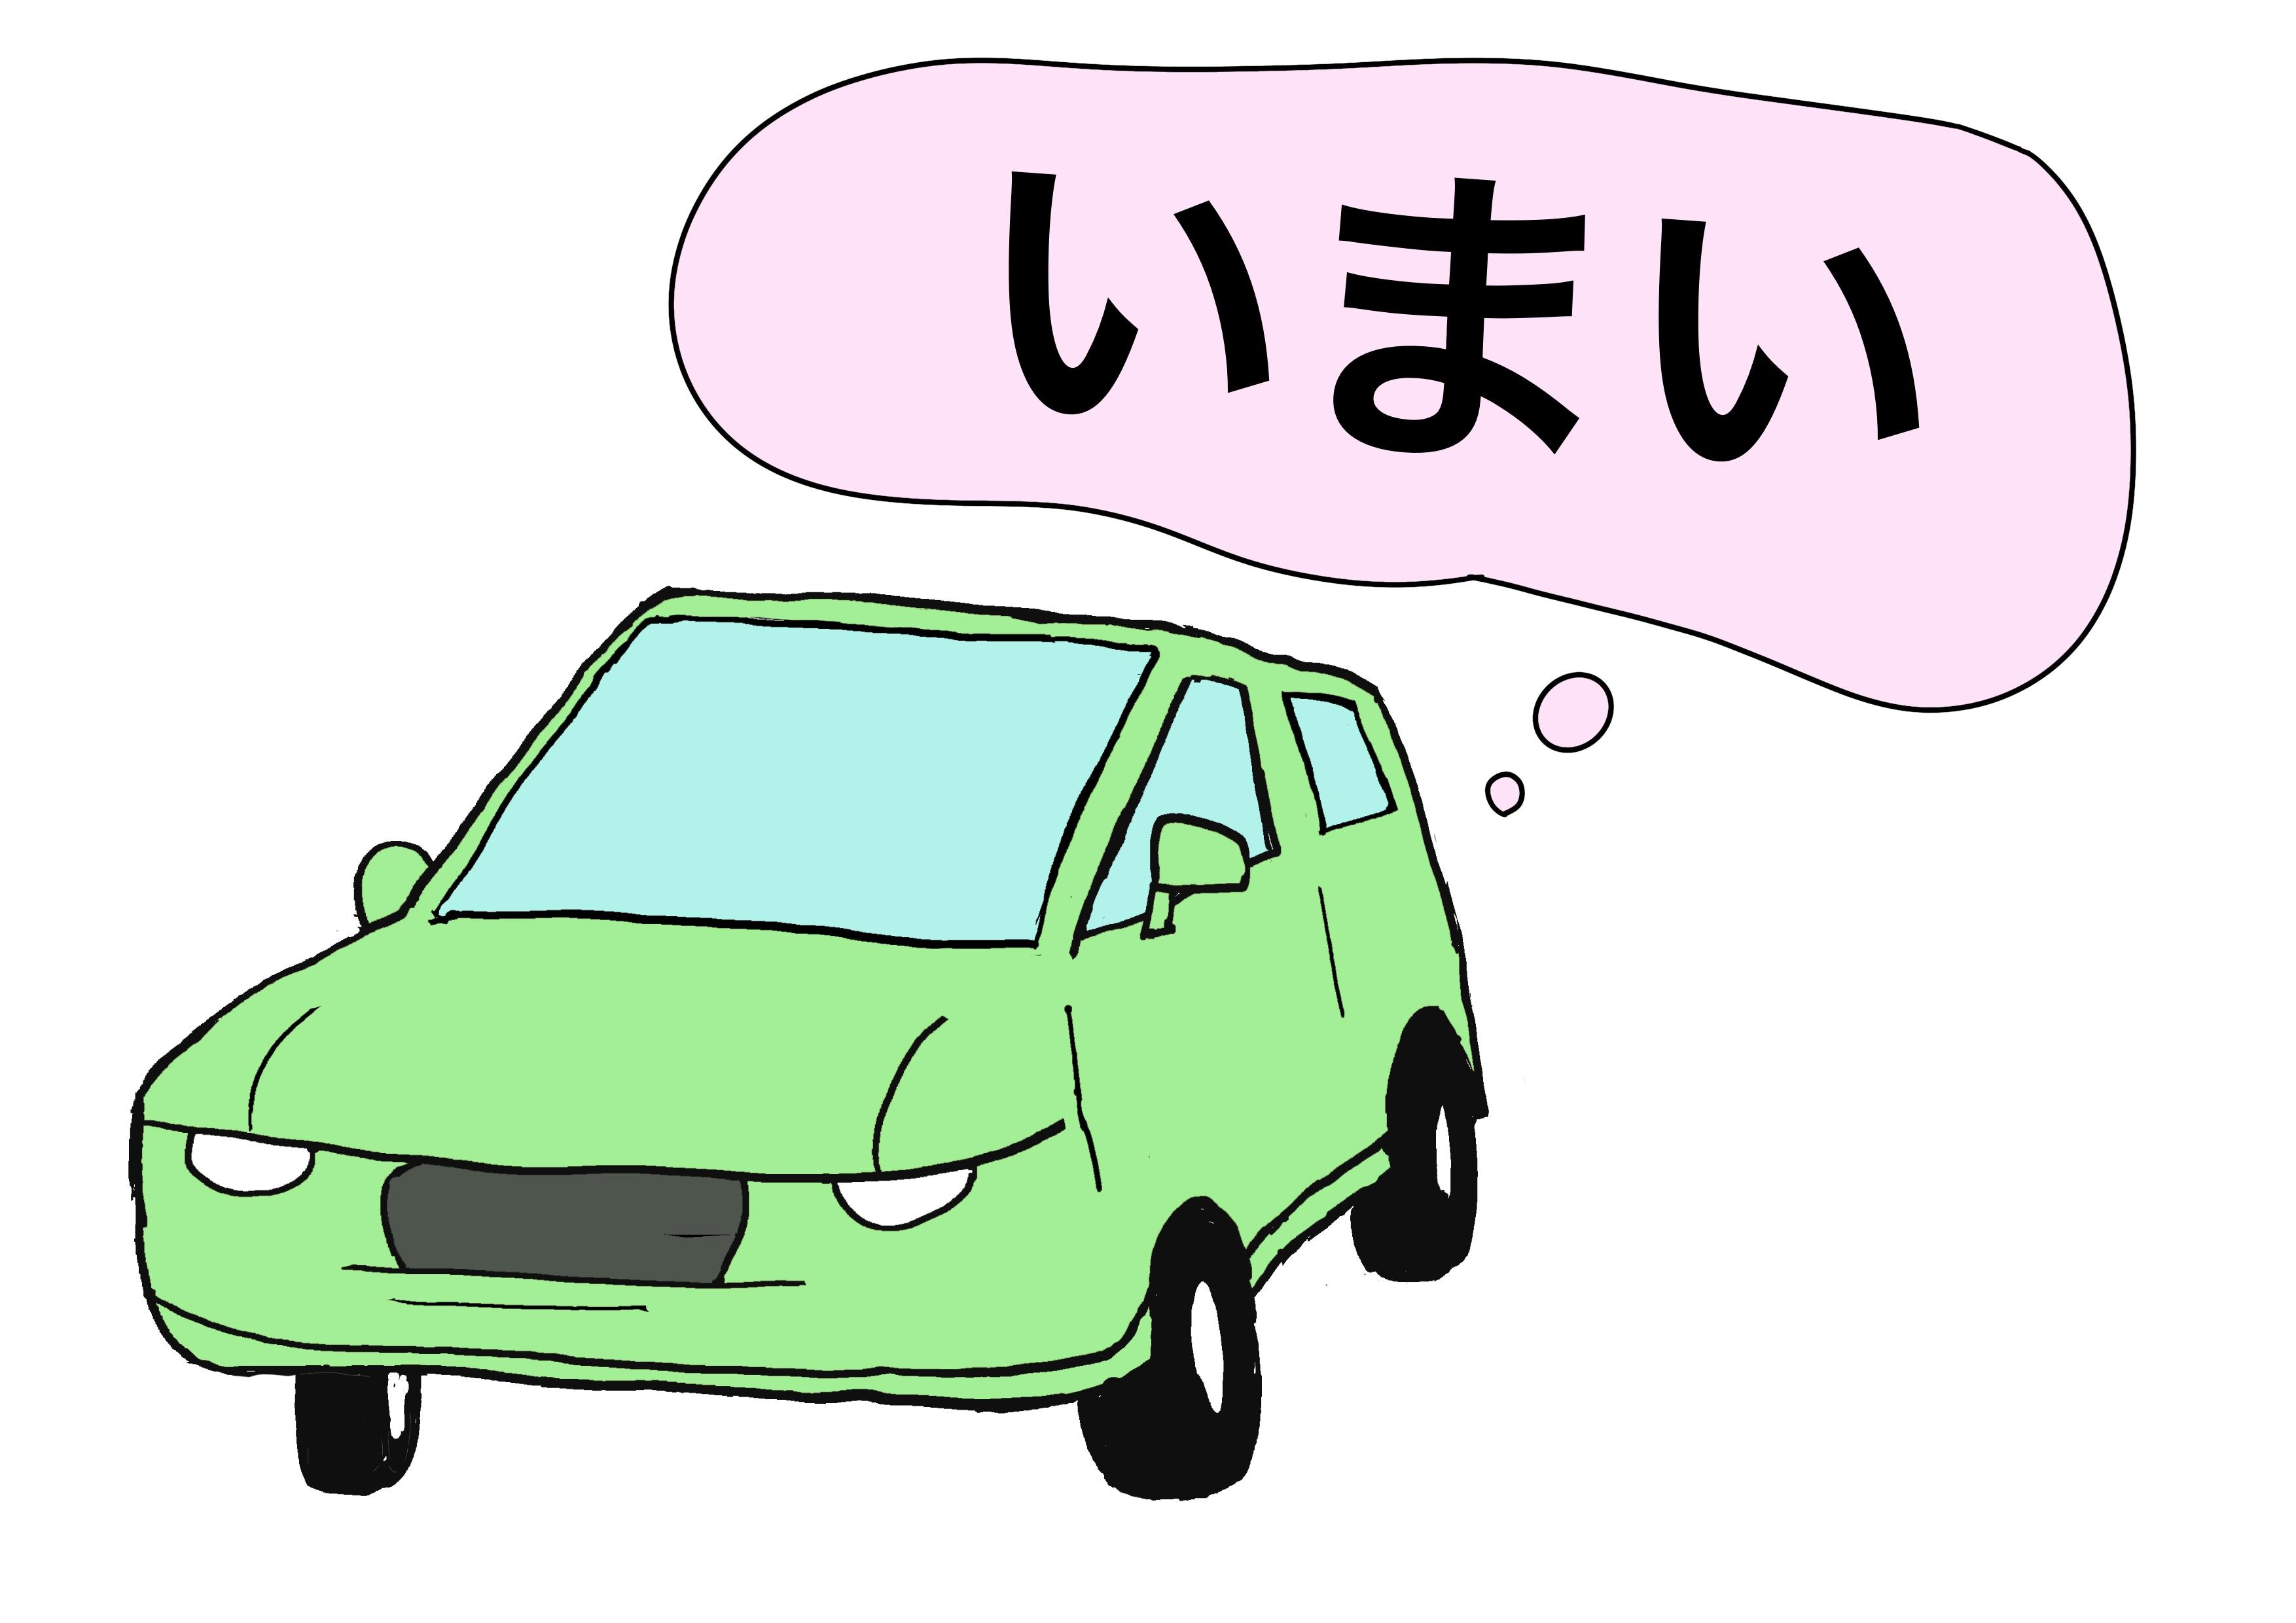 2課イラスト【車】